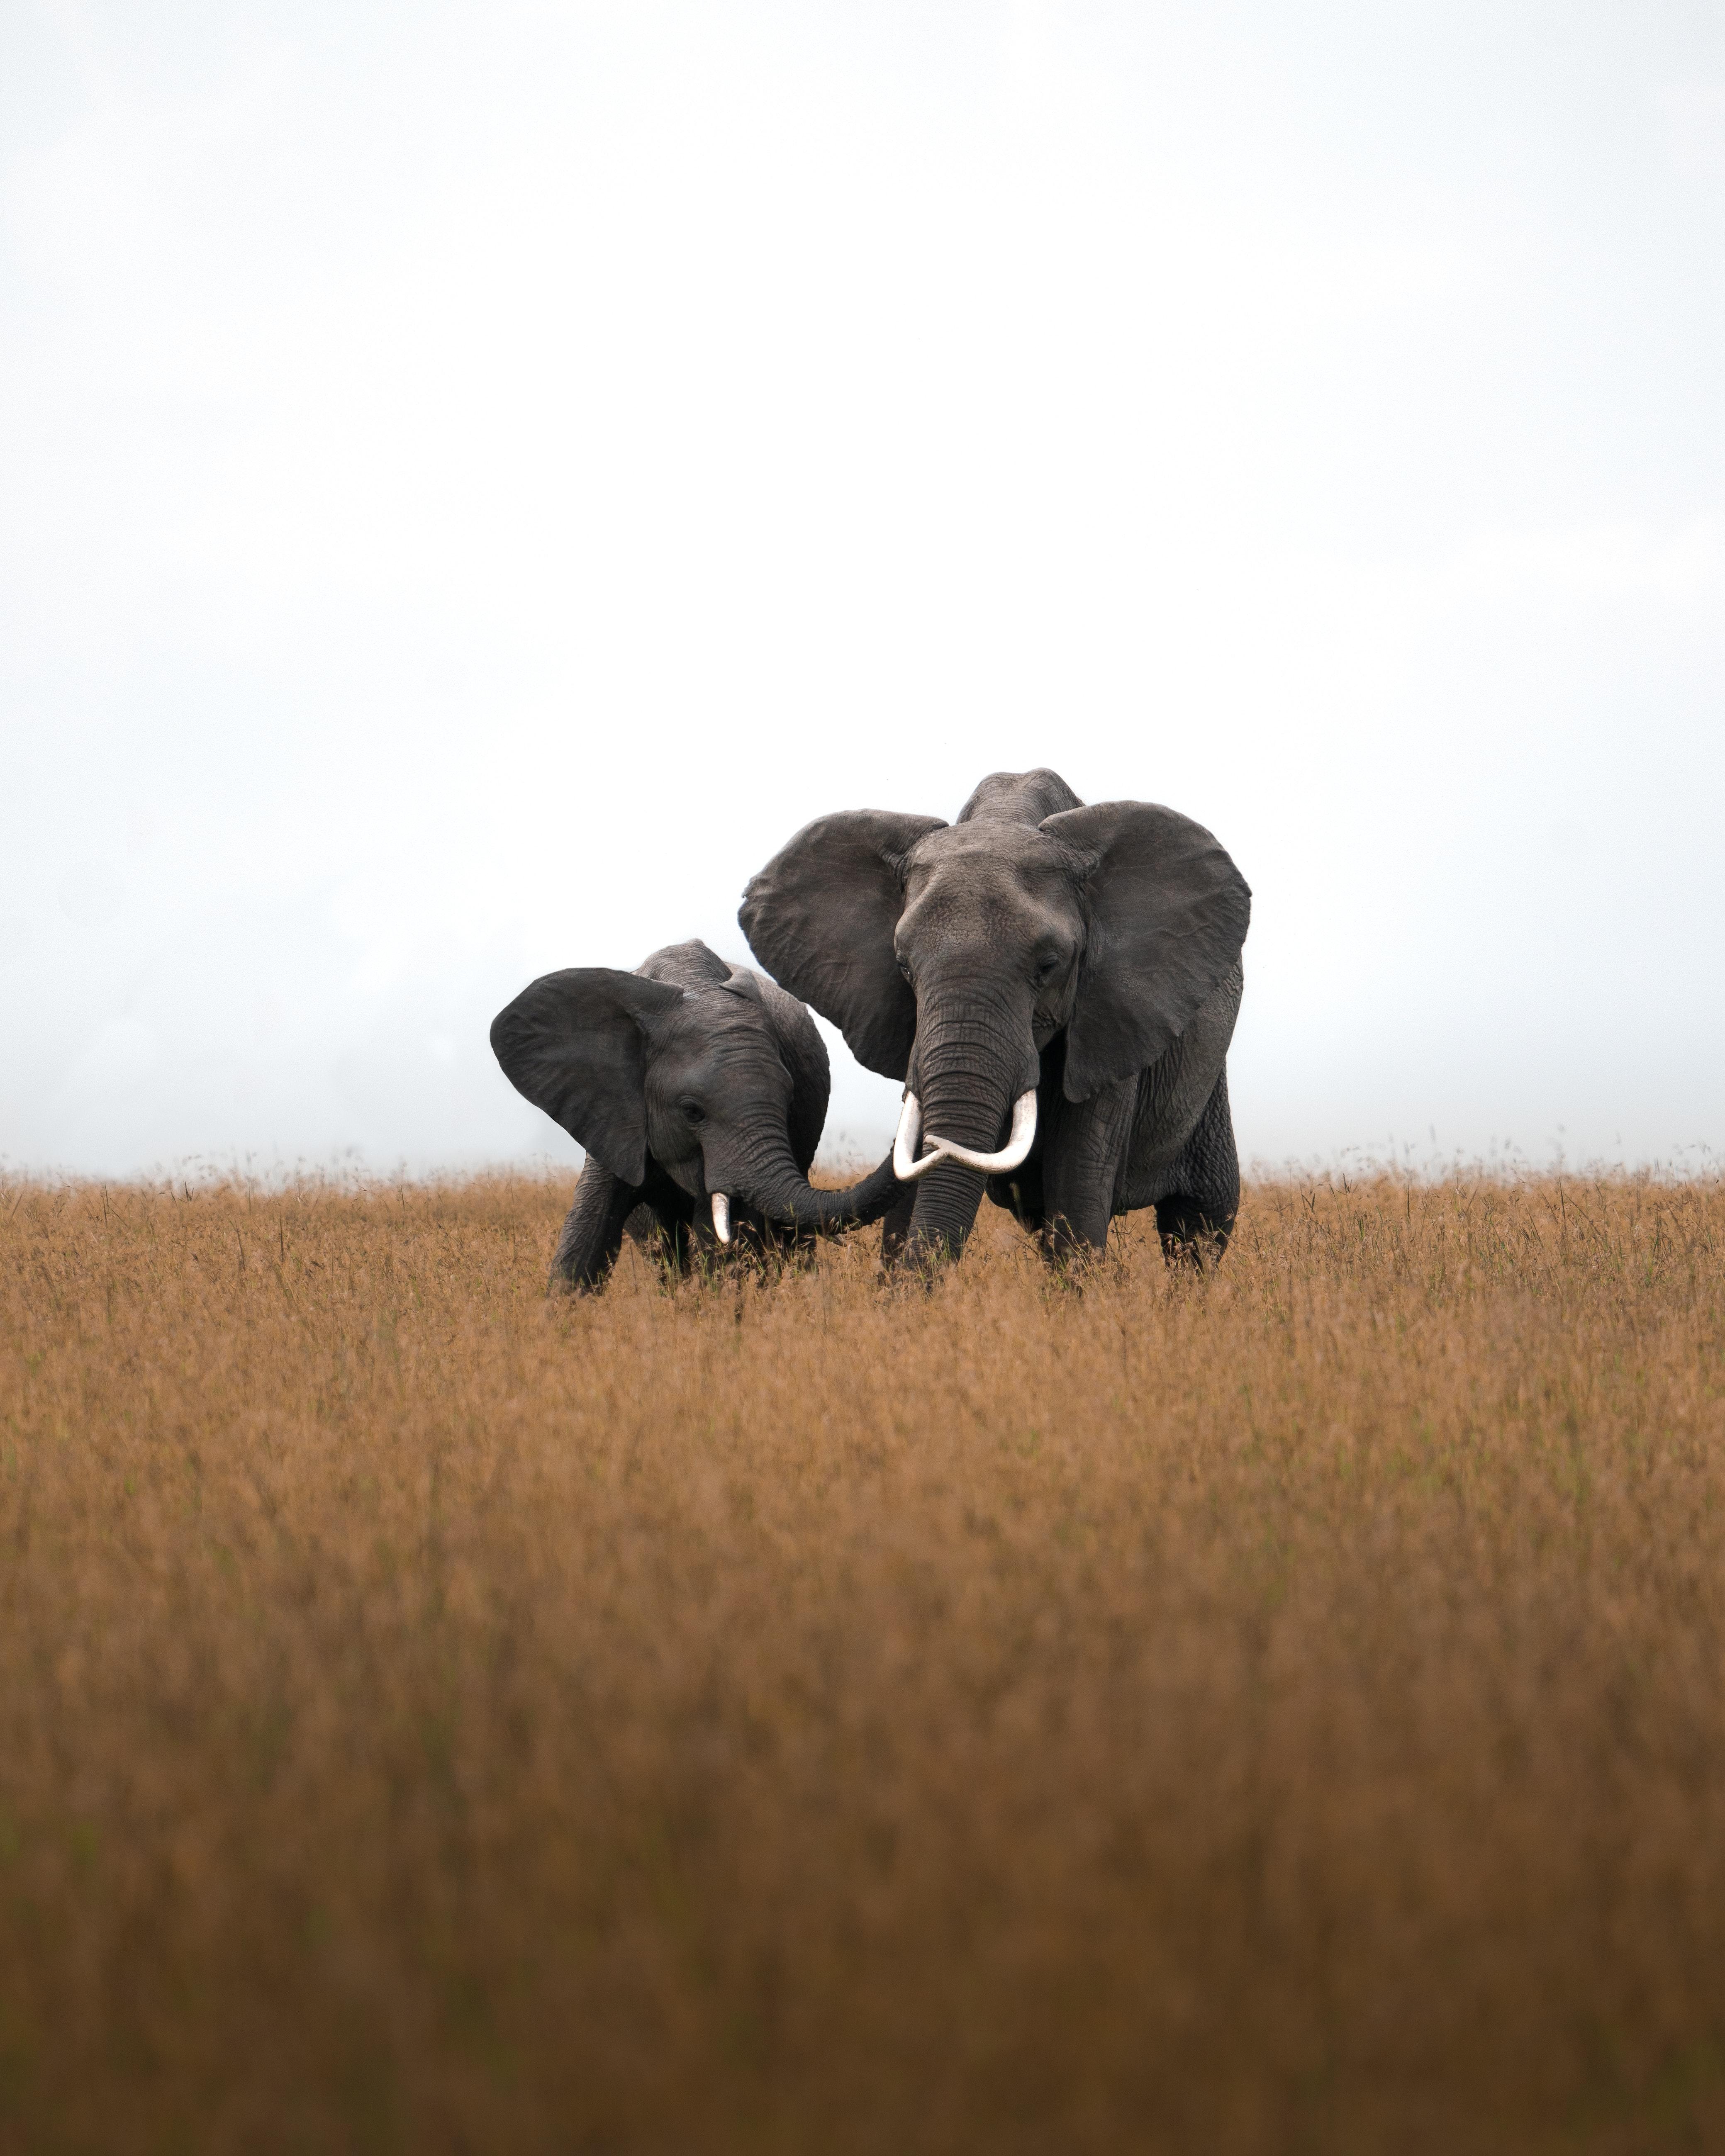 64017 скачать обои Животные, Дикая Природа, Поле, Трава, Слоны - заставки и картинки бесплатно